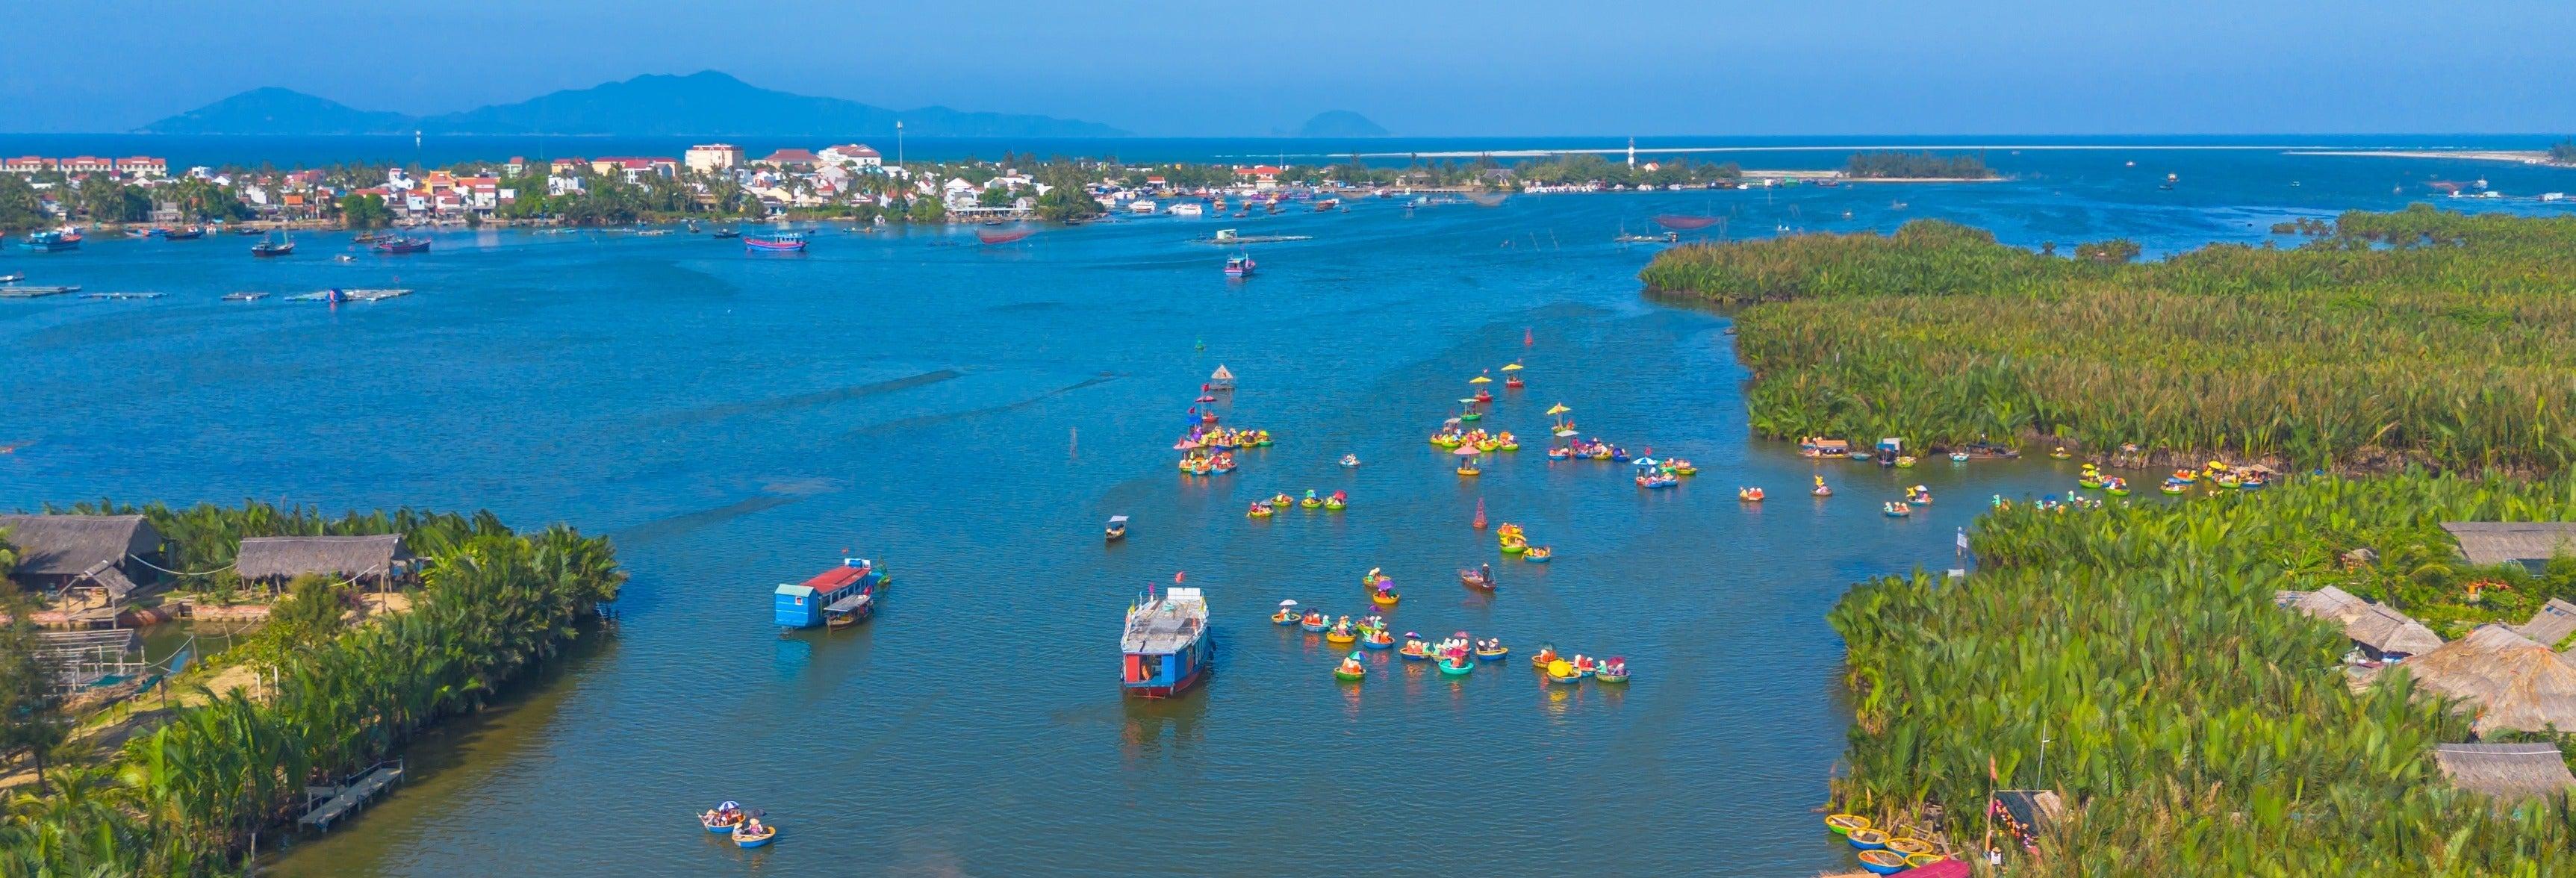 Excursion dans la forêt de cocotiers de Bay Mau